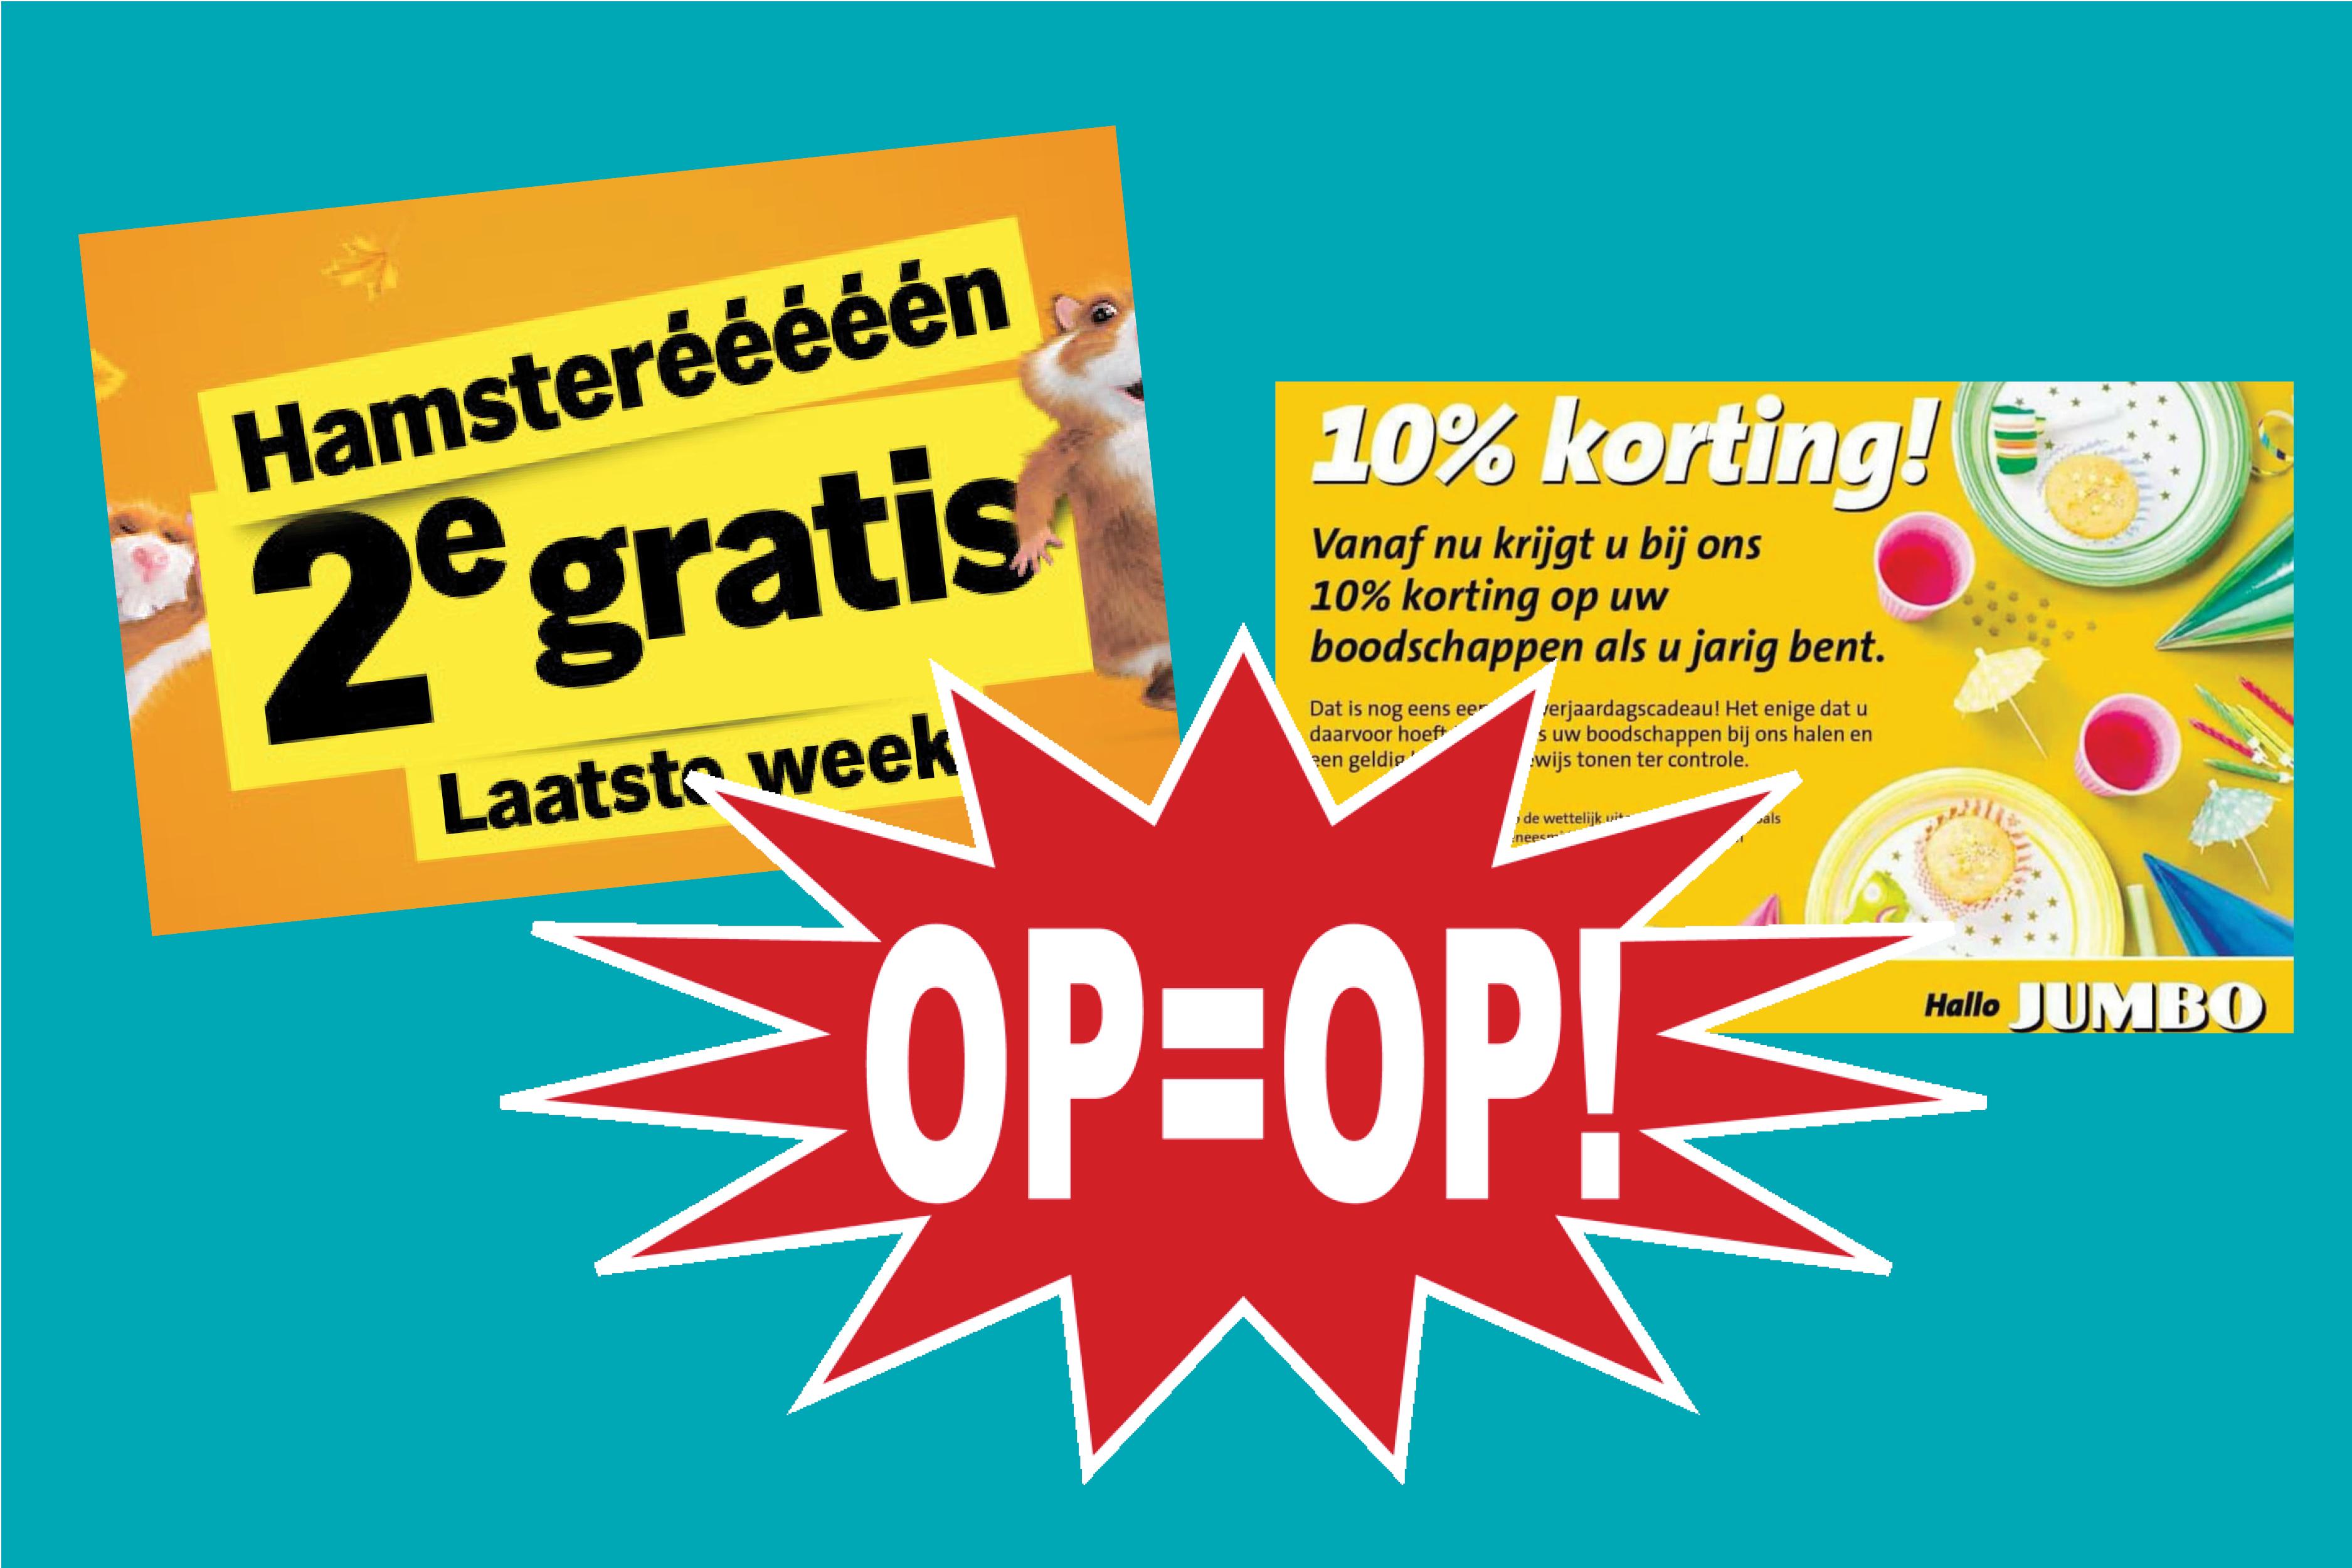 Korting..? 2e gratis..??? 네덜란드 수퍼마켓에서 쇼핑시 알아두어야 할 더치어!